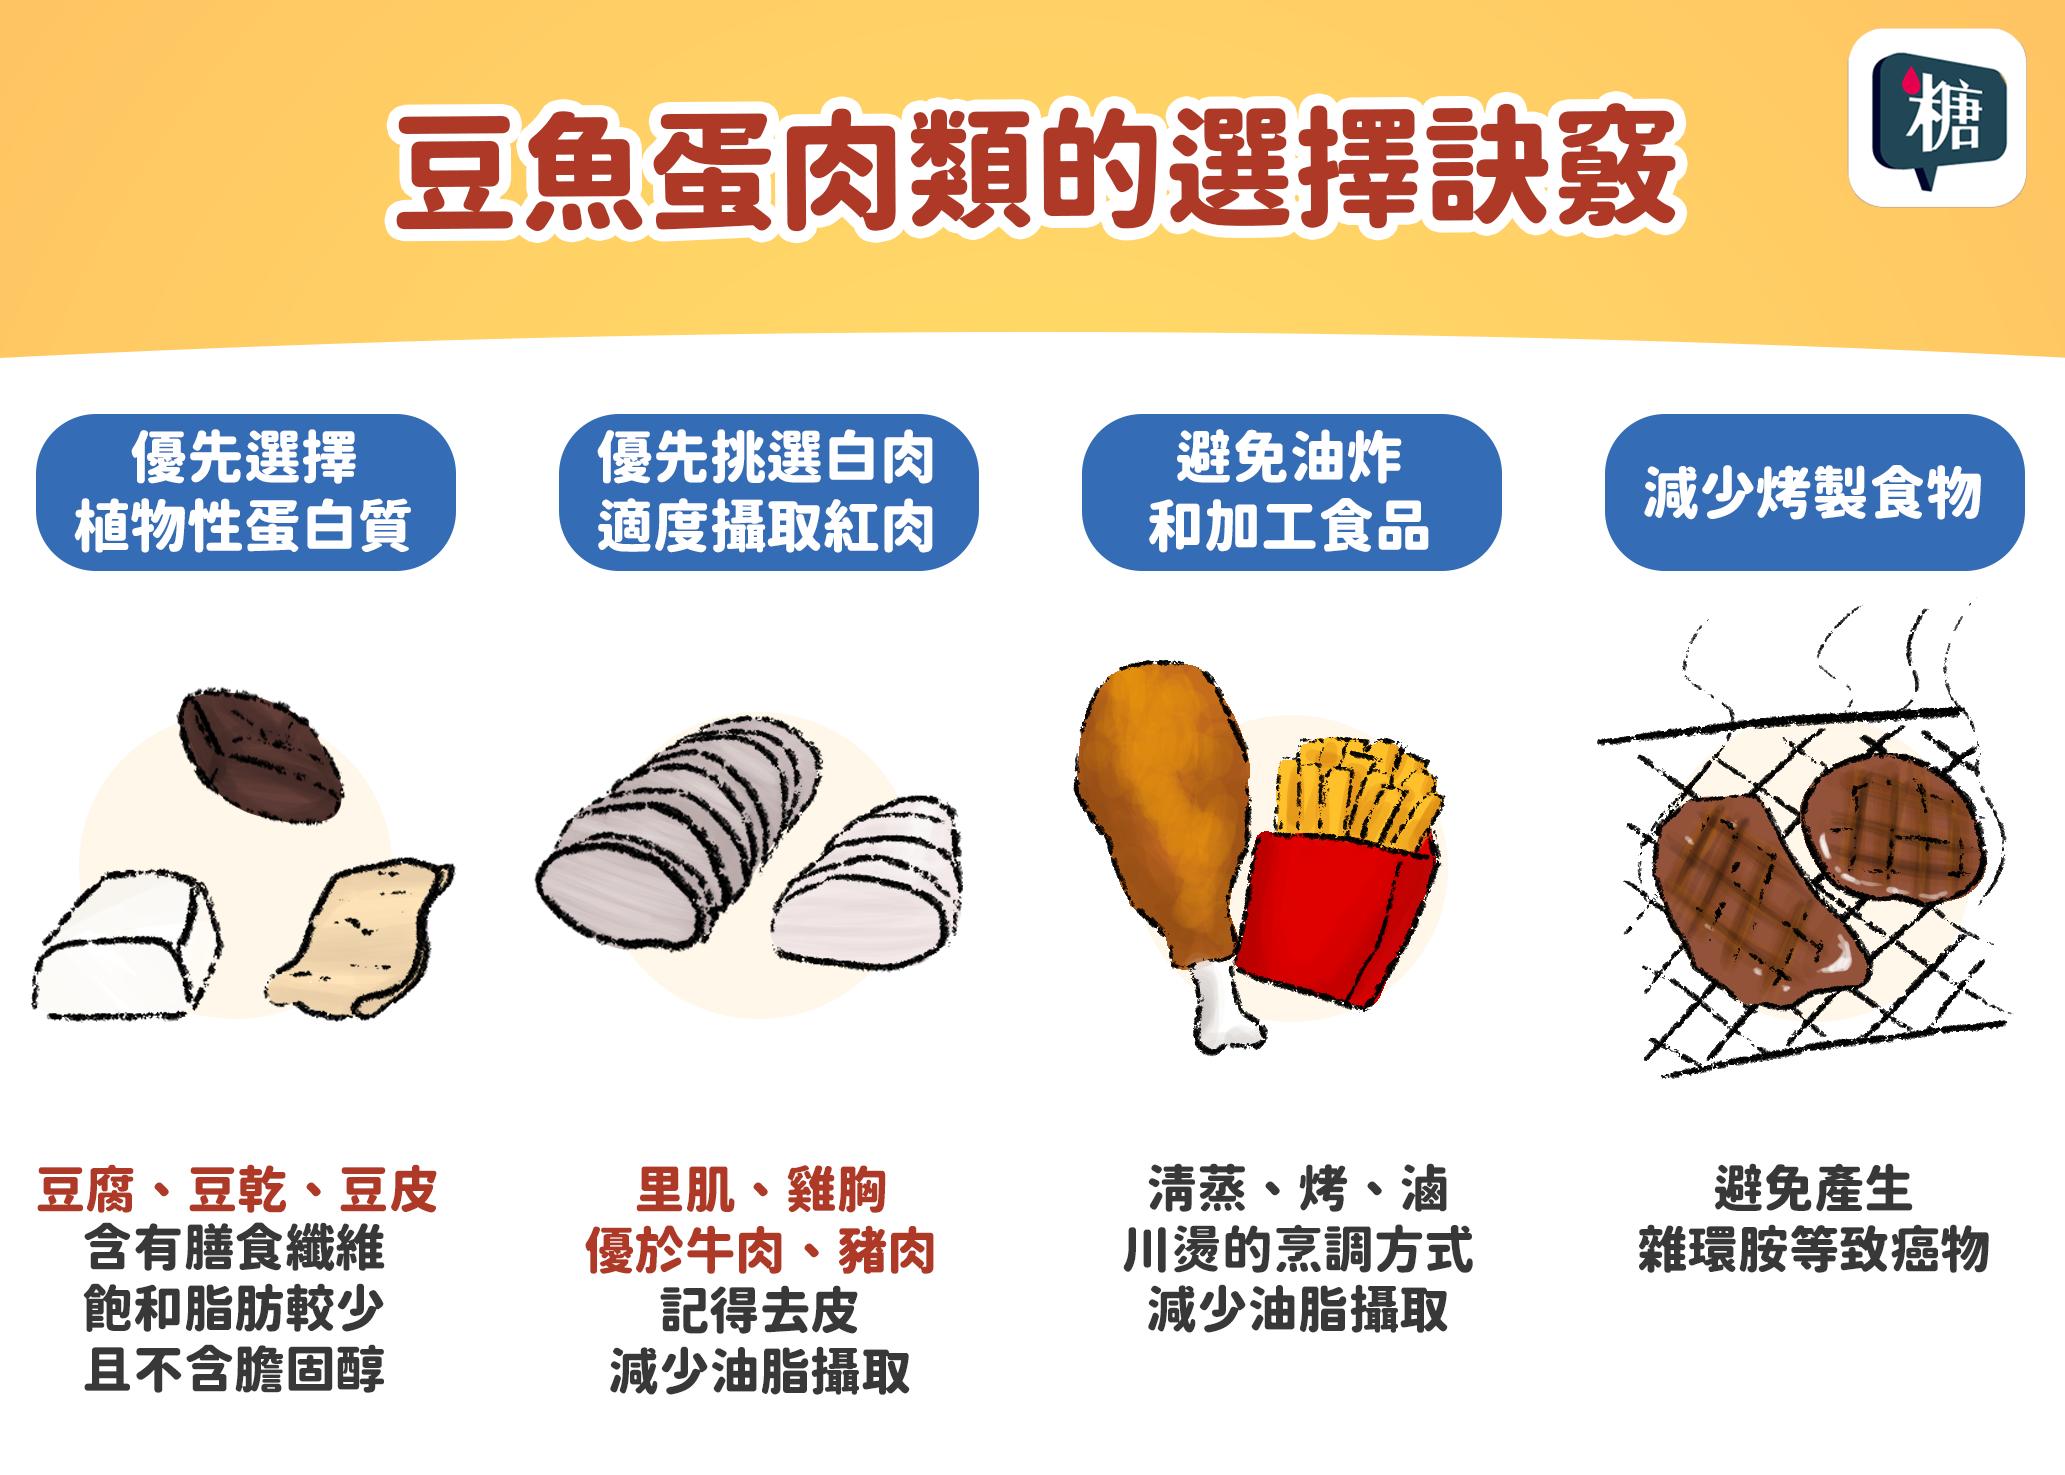 豆魚蛋肉類的選擇訣竅